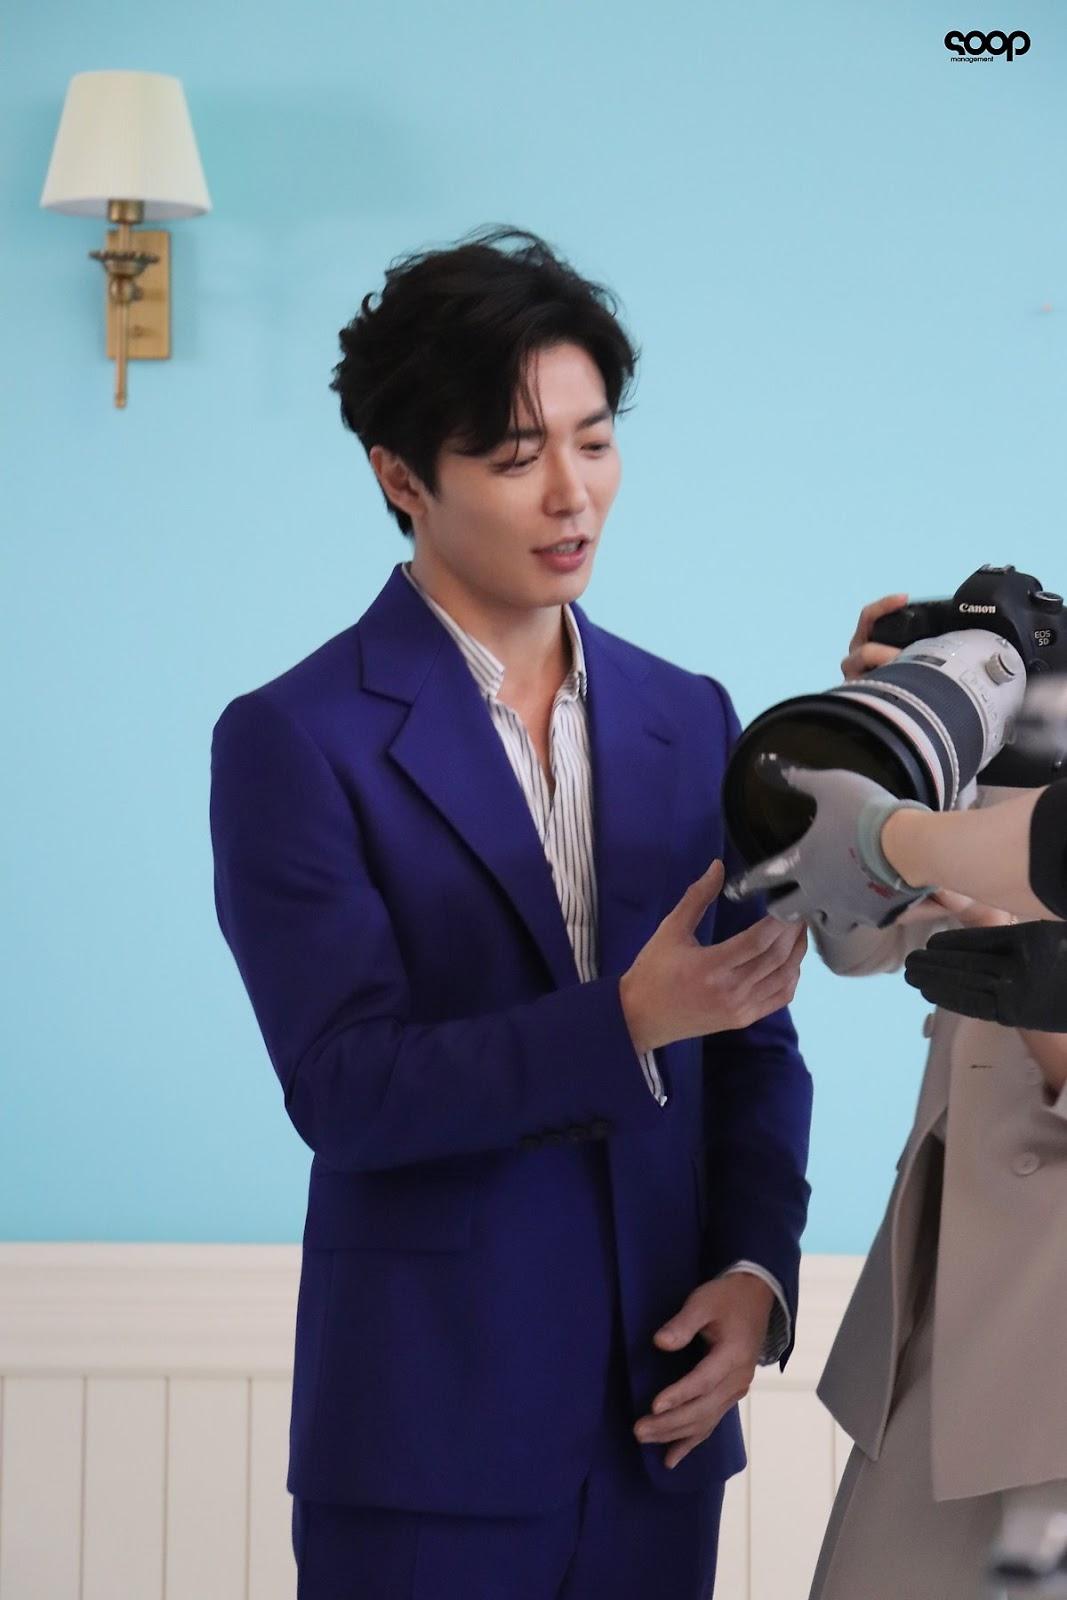 她的私生活-金材昱-經紀公司公開拍攝花絮劇照